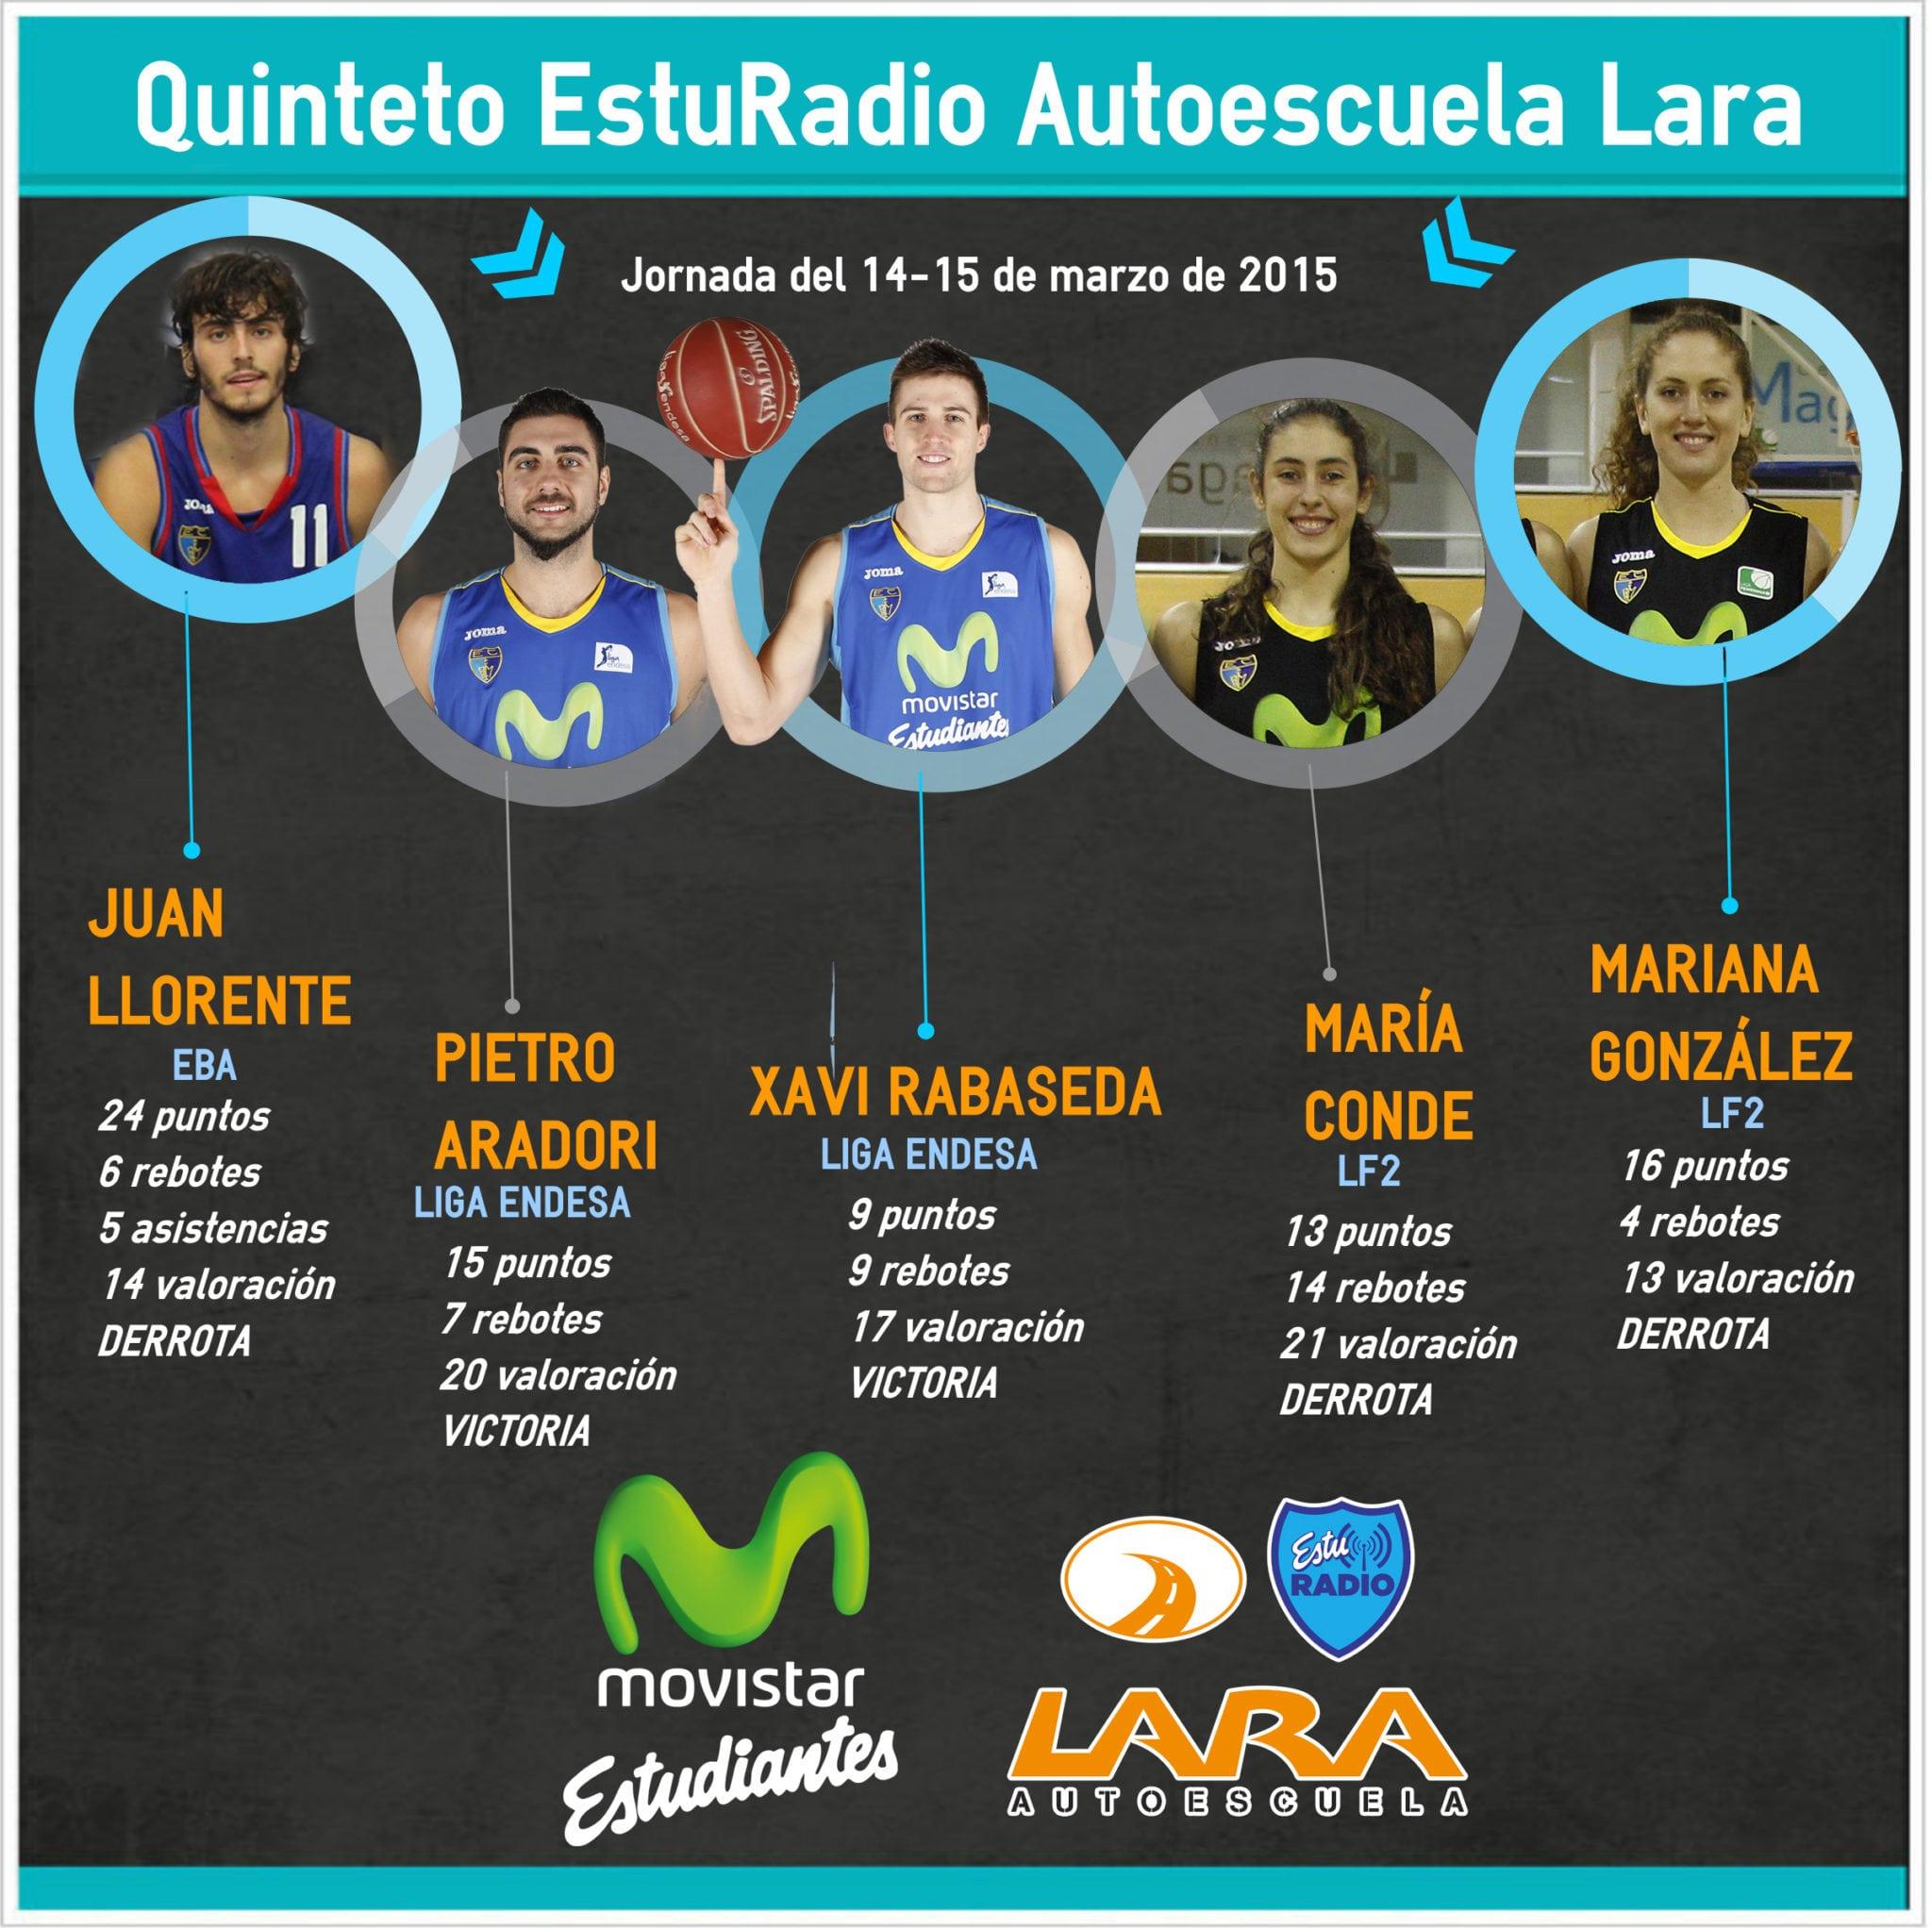 16º Quinteto EstuRadio Autoescuela Lara: Juan Llorente, Pietro Aradori, Xavi Rabaseda, María Conde y Mariana González